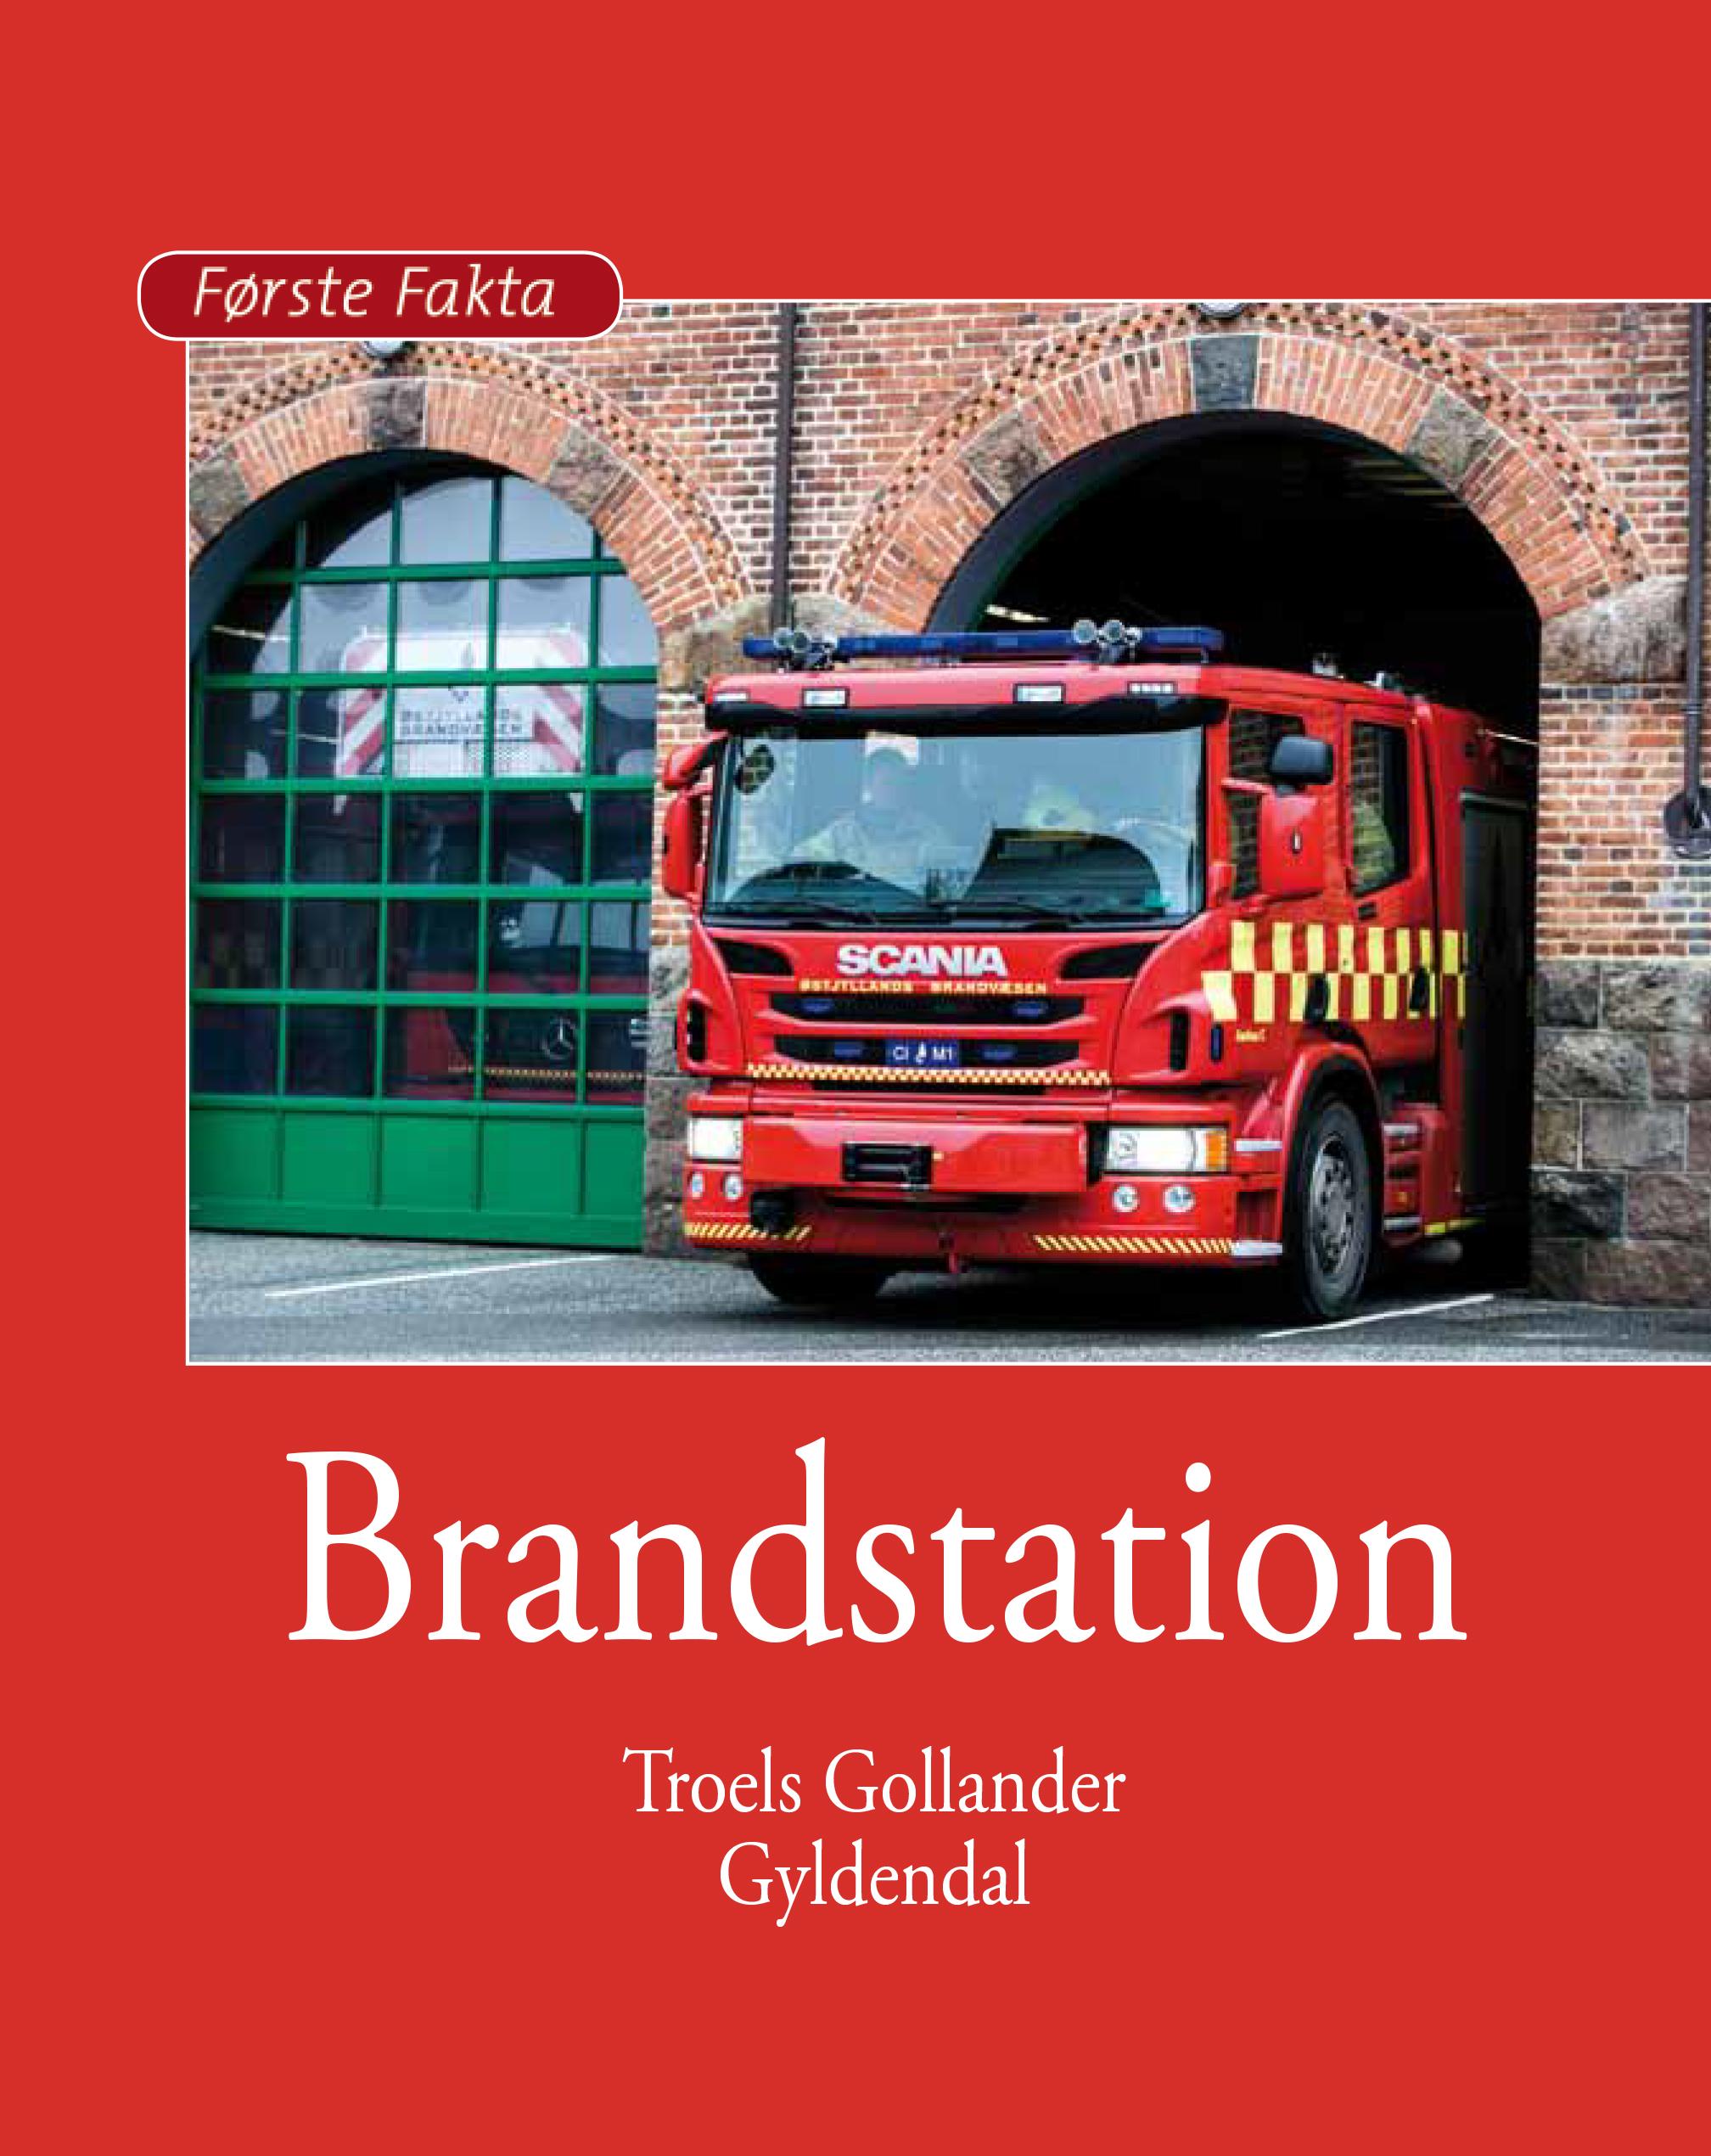 Første Fakta: Brandstation - Troels Gollander - Bøger - Gyldendal - 9788702303643 - 1/5-2020